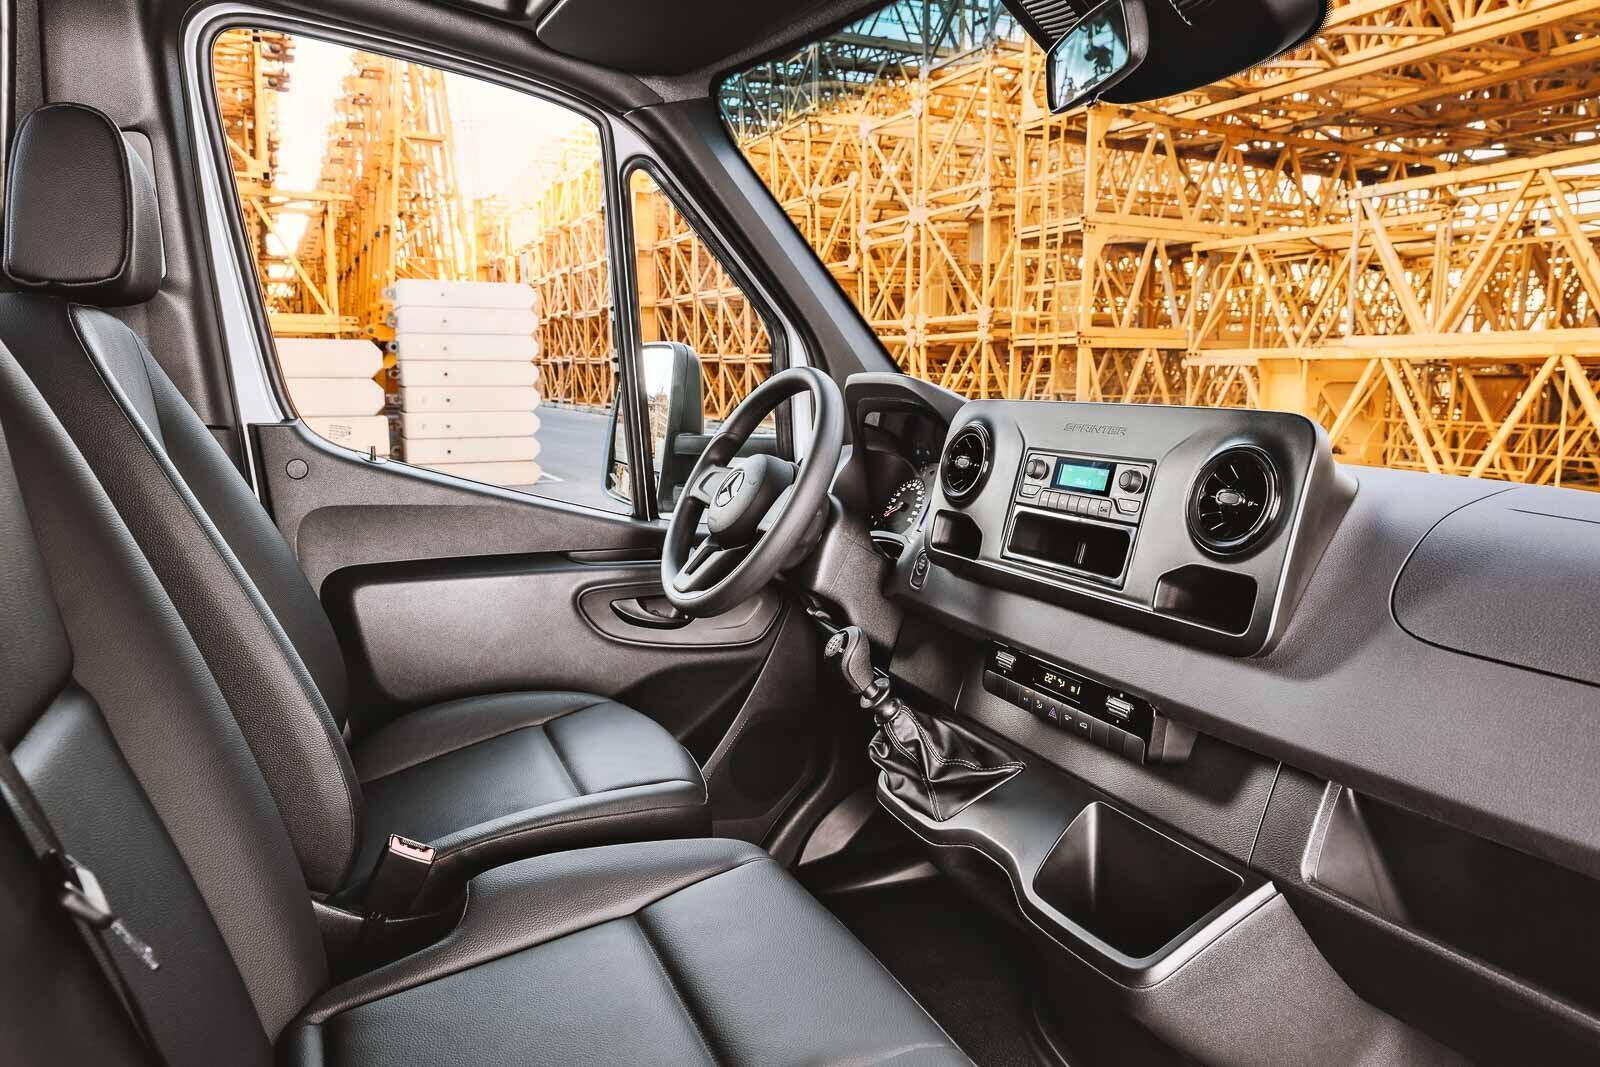 Mercedes-Benz Sprinter 2018 chính thức ra mắt: cỗ máy công nghệ và kết nối - Hình 23